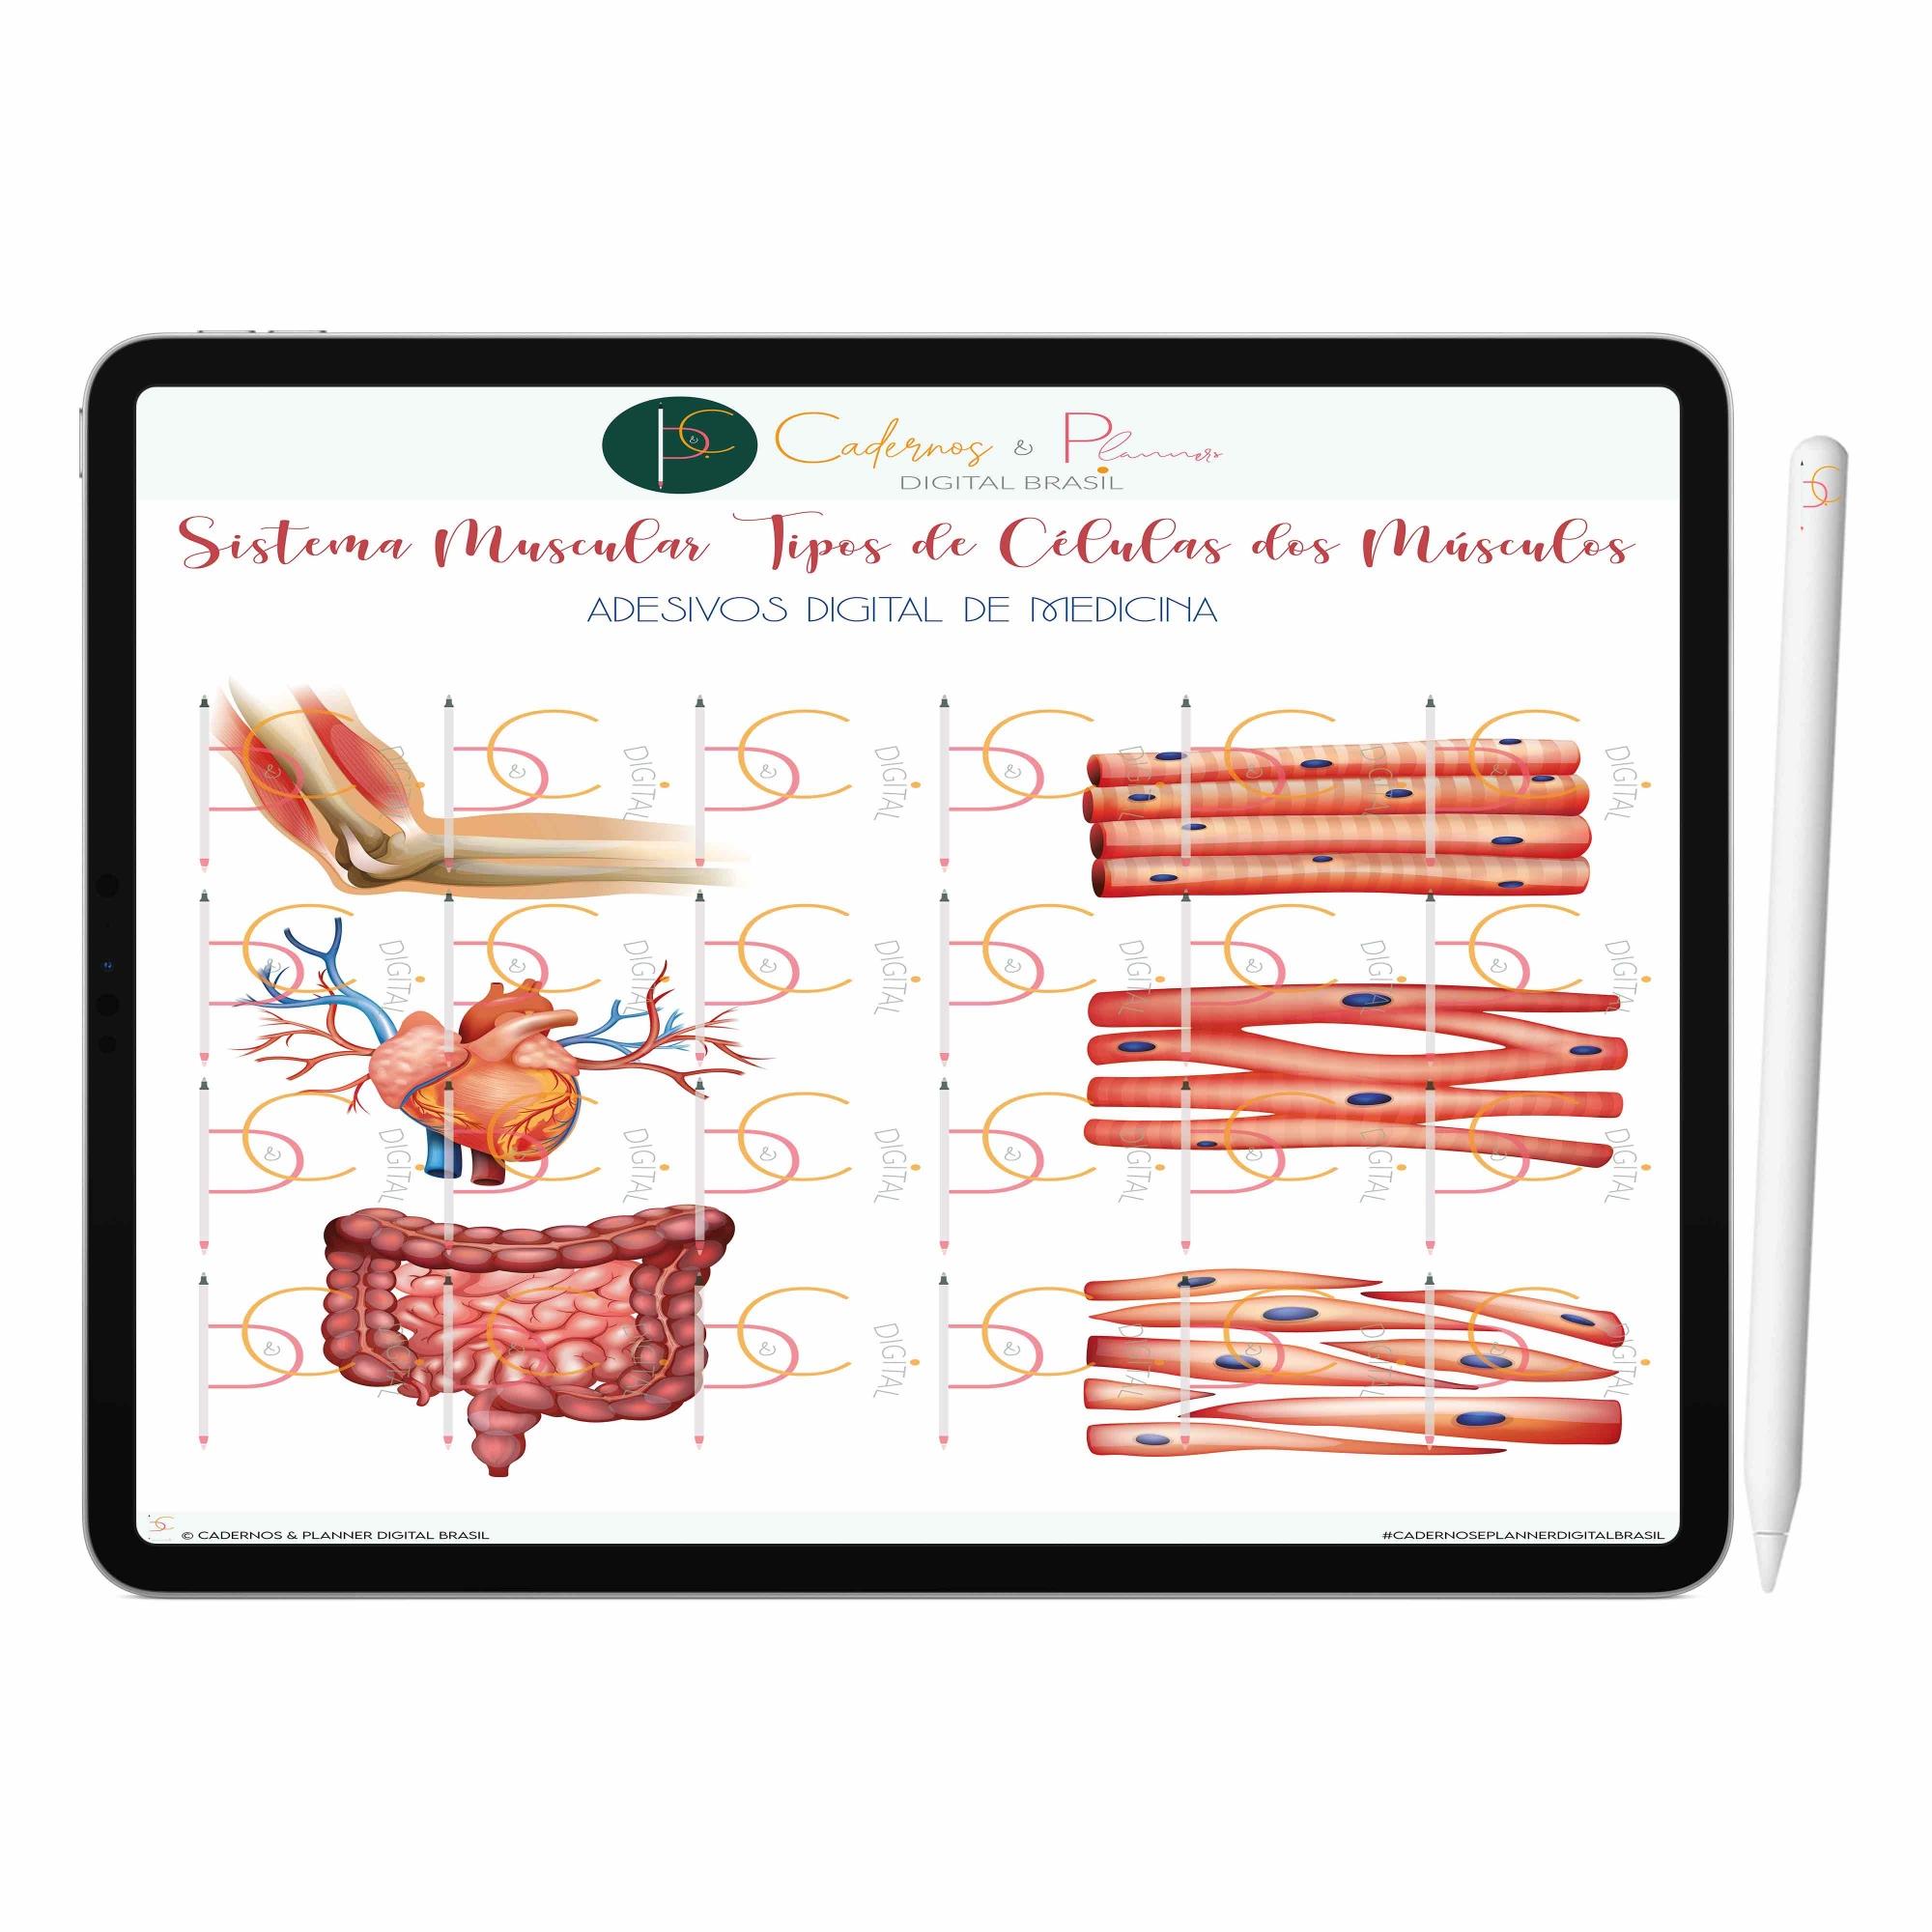 Adesivos Digital de Medicina - Sistema Muscular Anatomia do Músculo Humano | iPad Tablet | Download Instantâneo